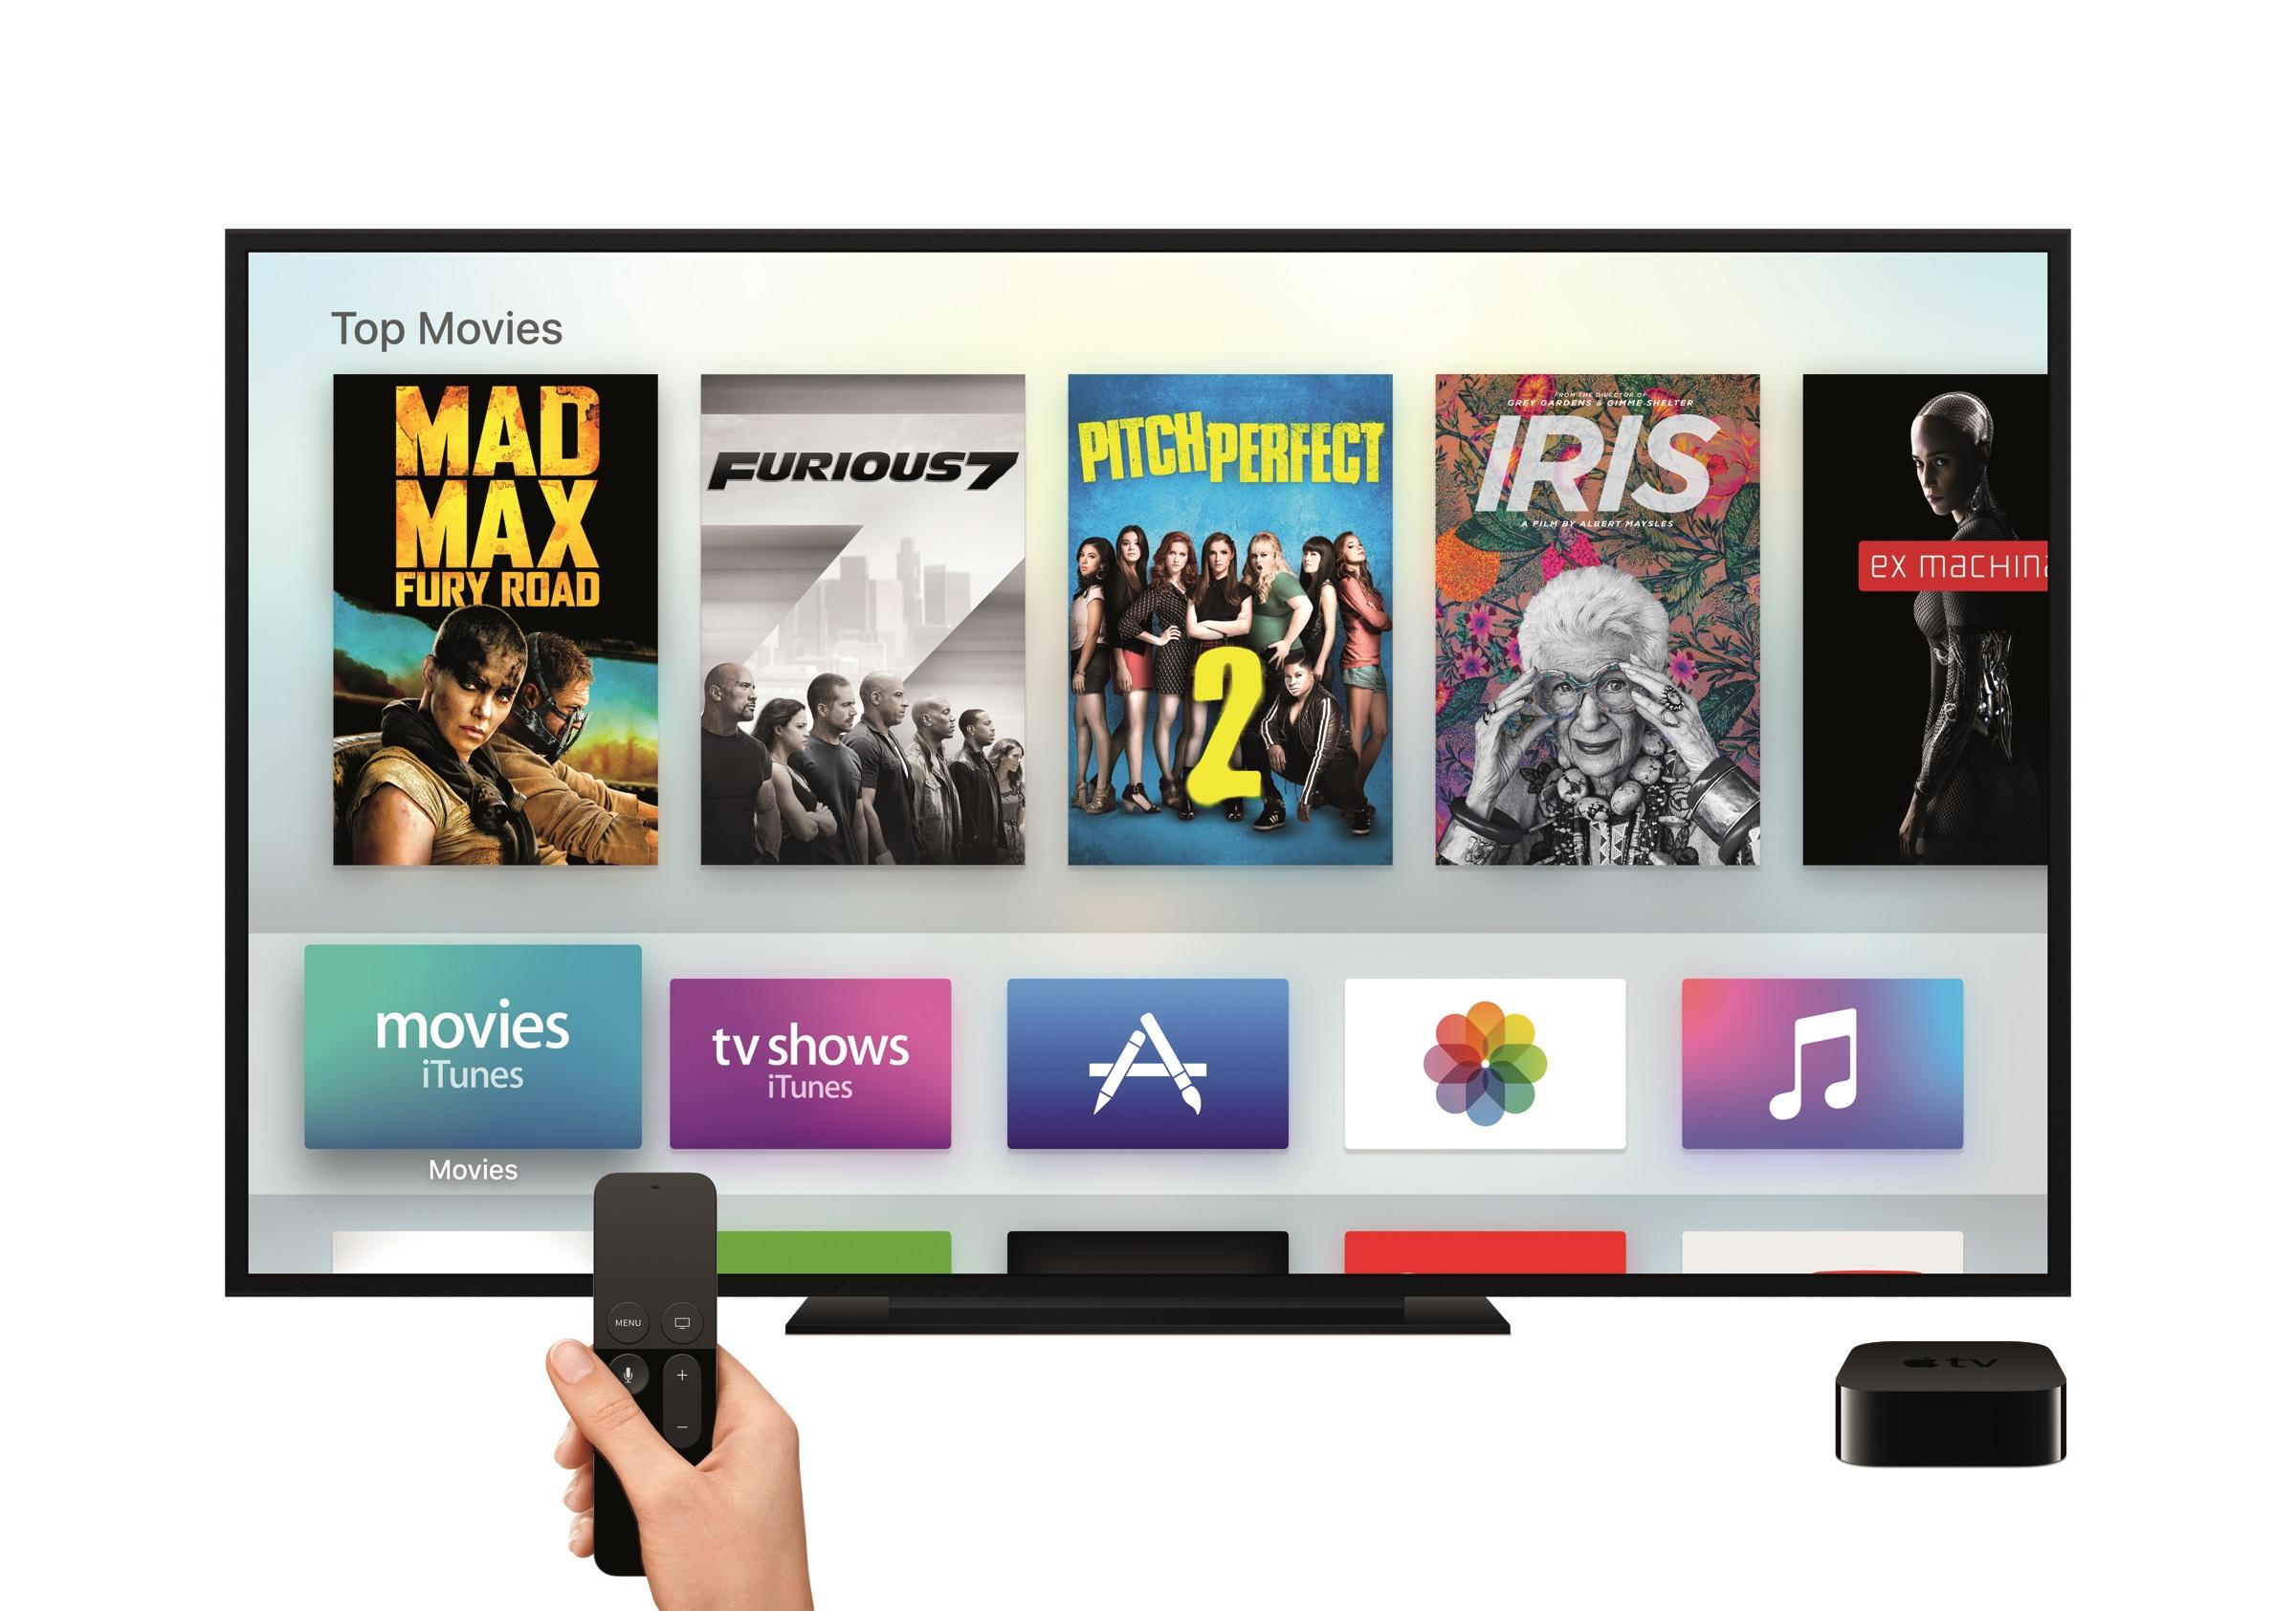 Den kommende Apple TV har potensial til å dominere blant strømmeenhetene.